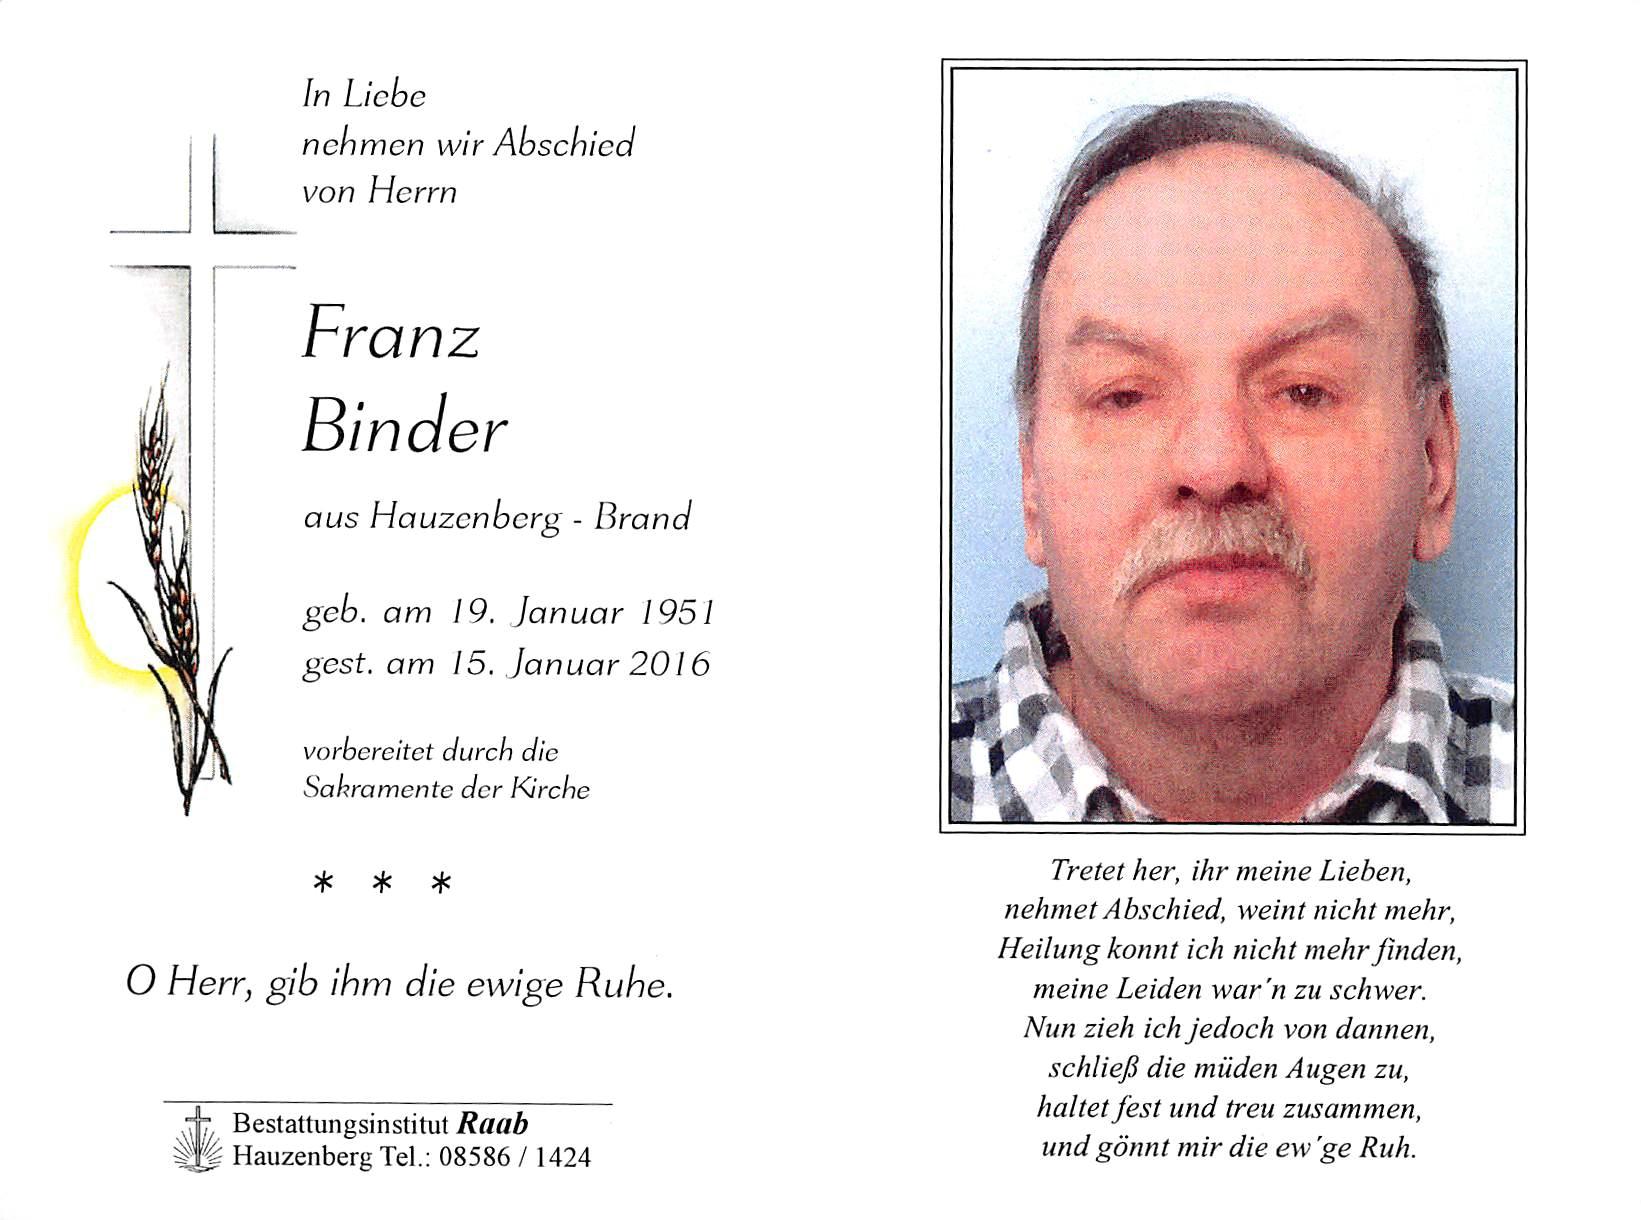 2016-01-15-Binder-Franz-Brand